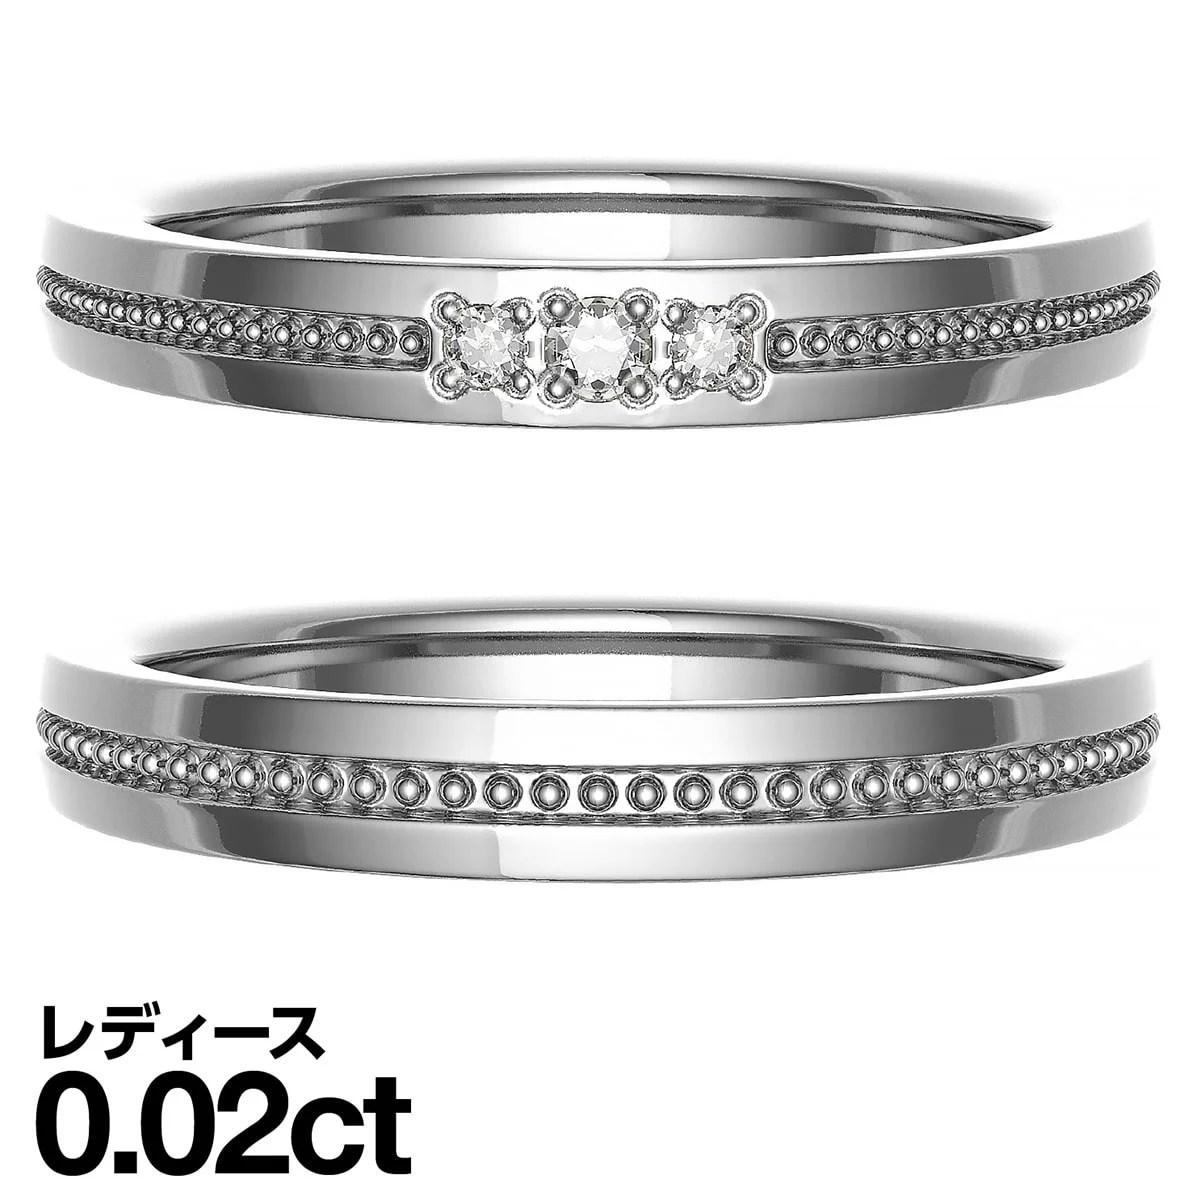 ペアリング シルバー925 シルバーリング ダイヤモンド 2本セット 品質保証書 金属アレルギー 日本製 誕生日 ギフト